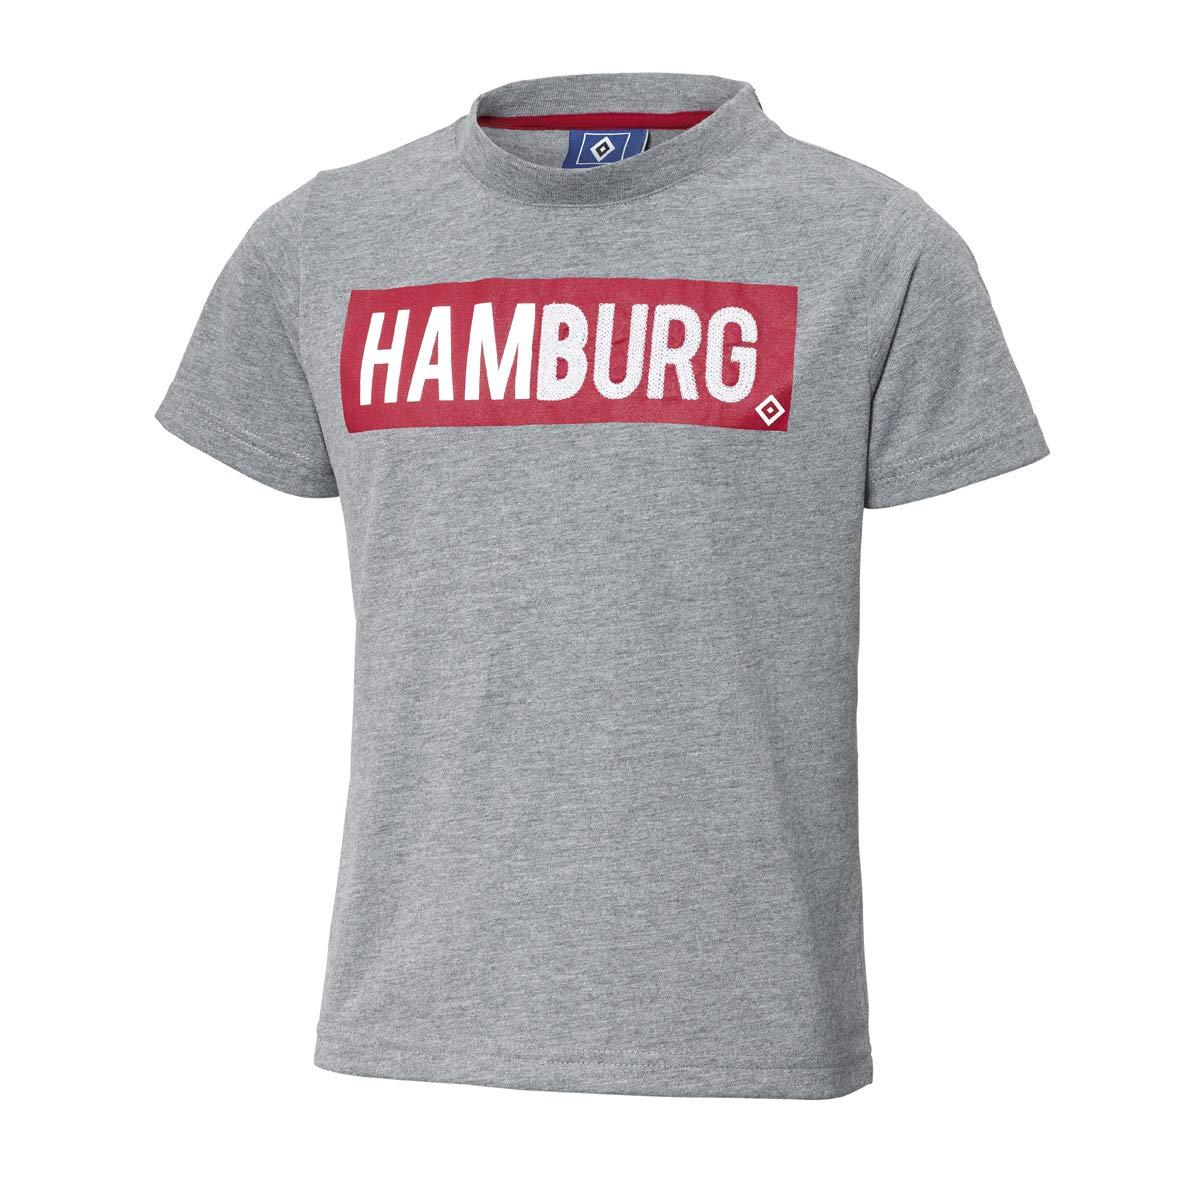 104-164 grau T-Shirt Sverre Gr Hamburger SV HSV Kinder